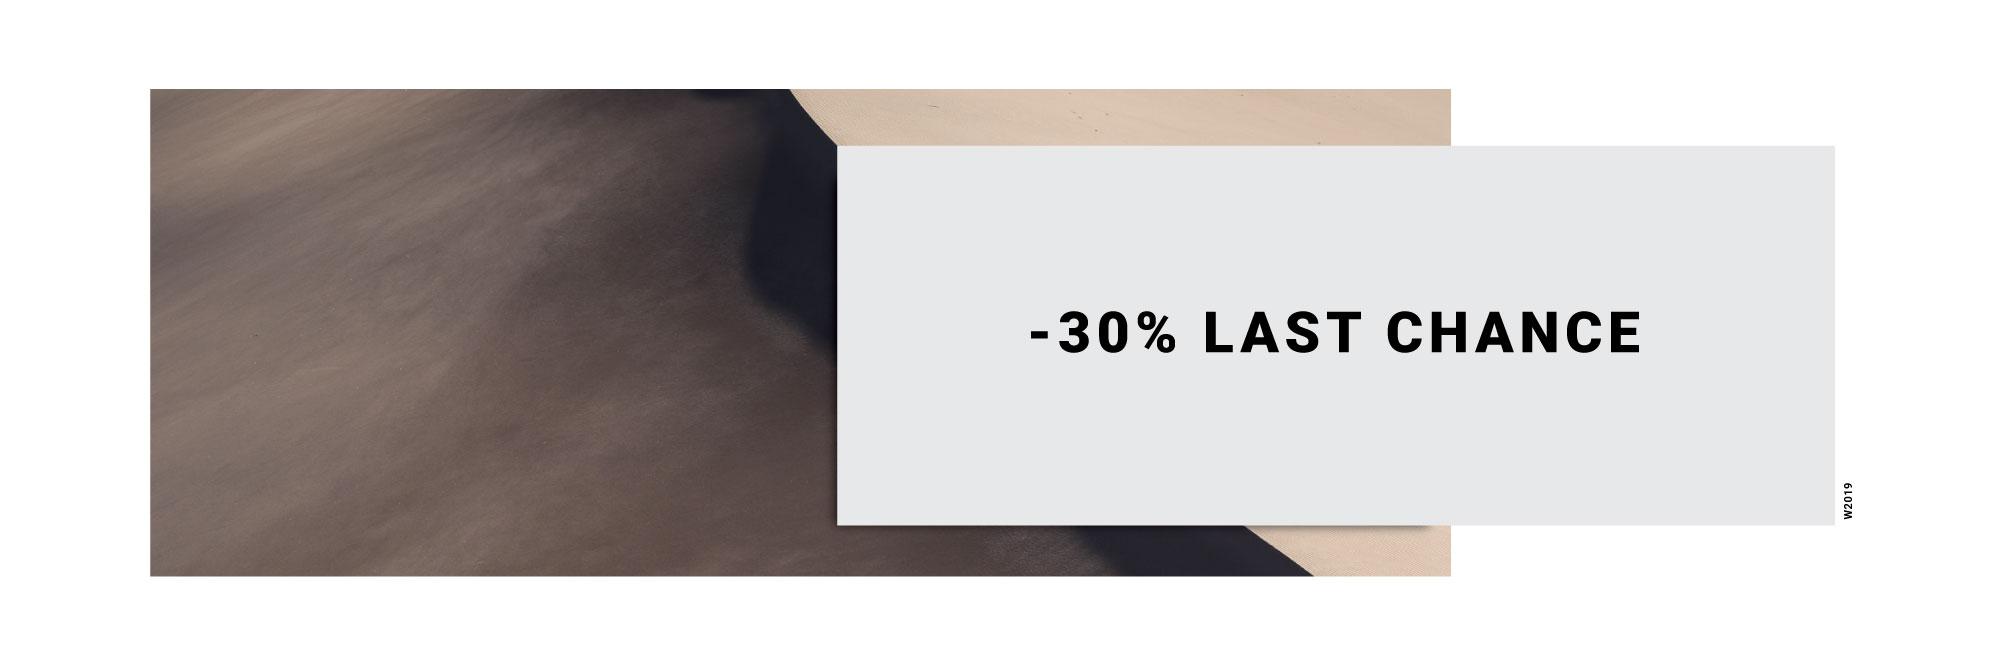 -30% Last Chance